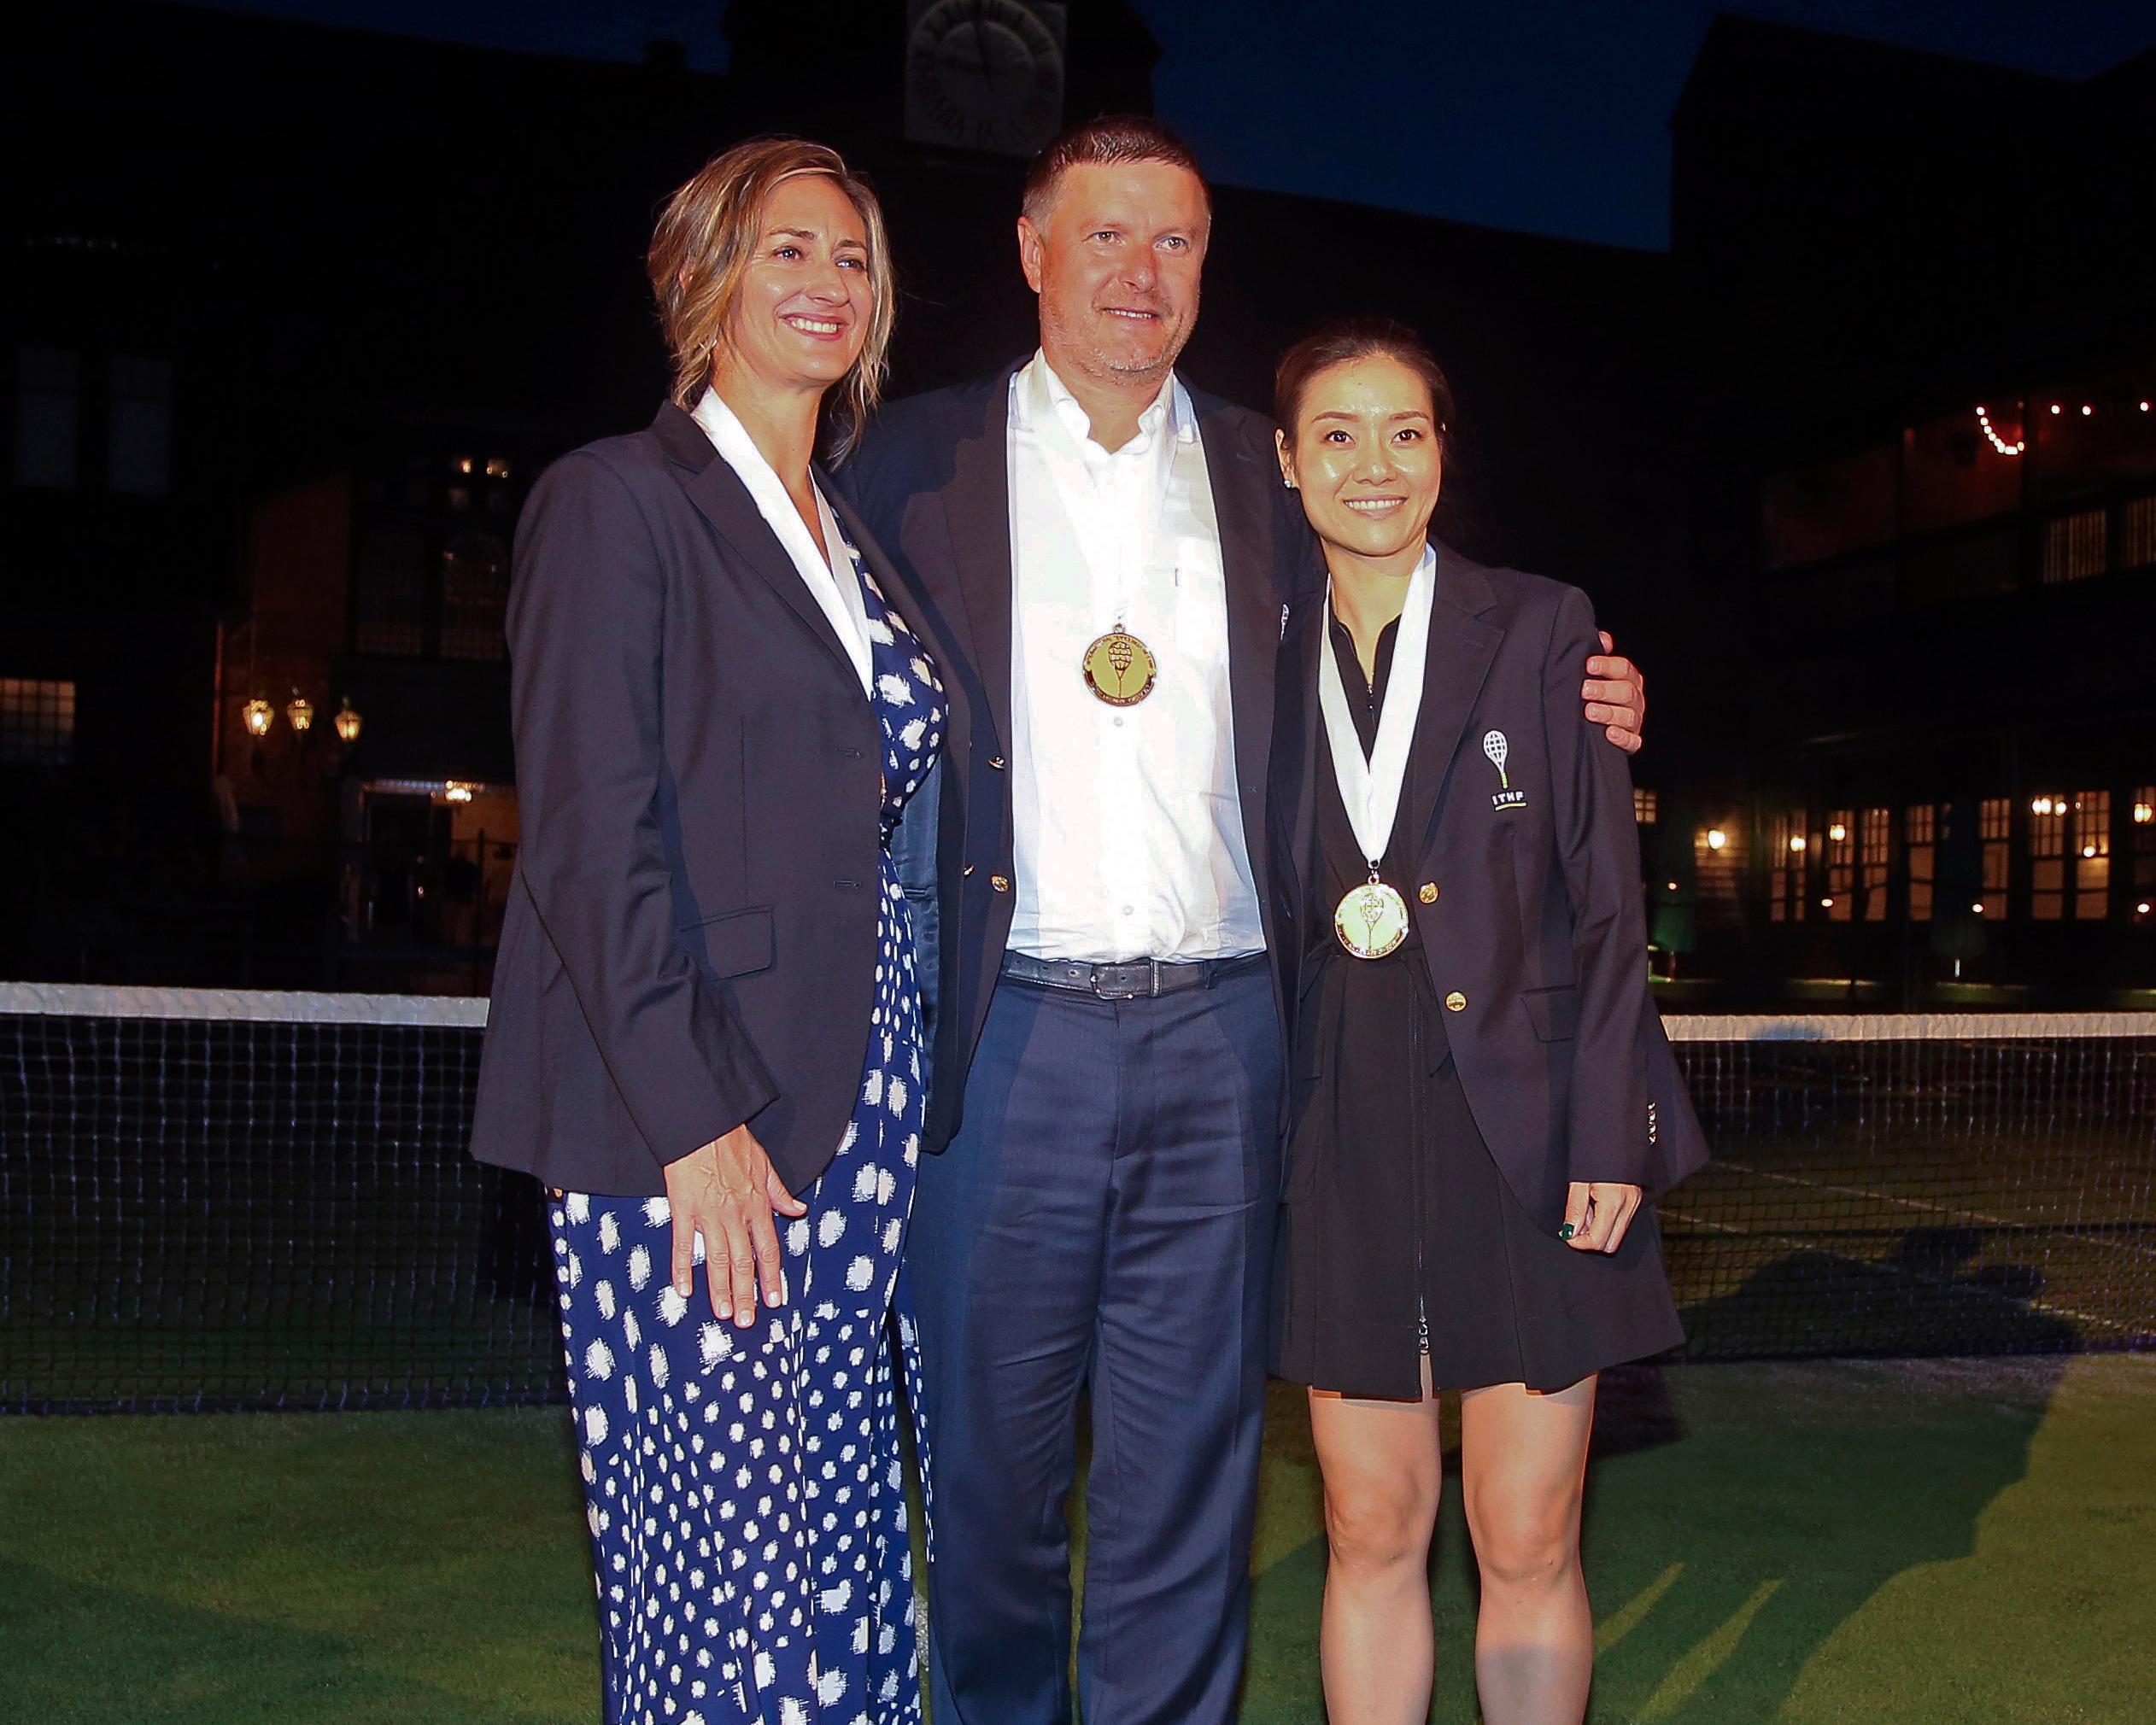 Simona Halep va intra în Hall of Fame! Cele două Grand Slamuri câștigate îi garantează prezența în cartea de onoare a tenisului mondial